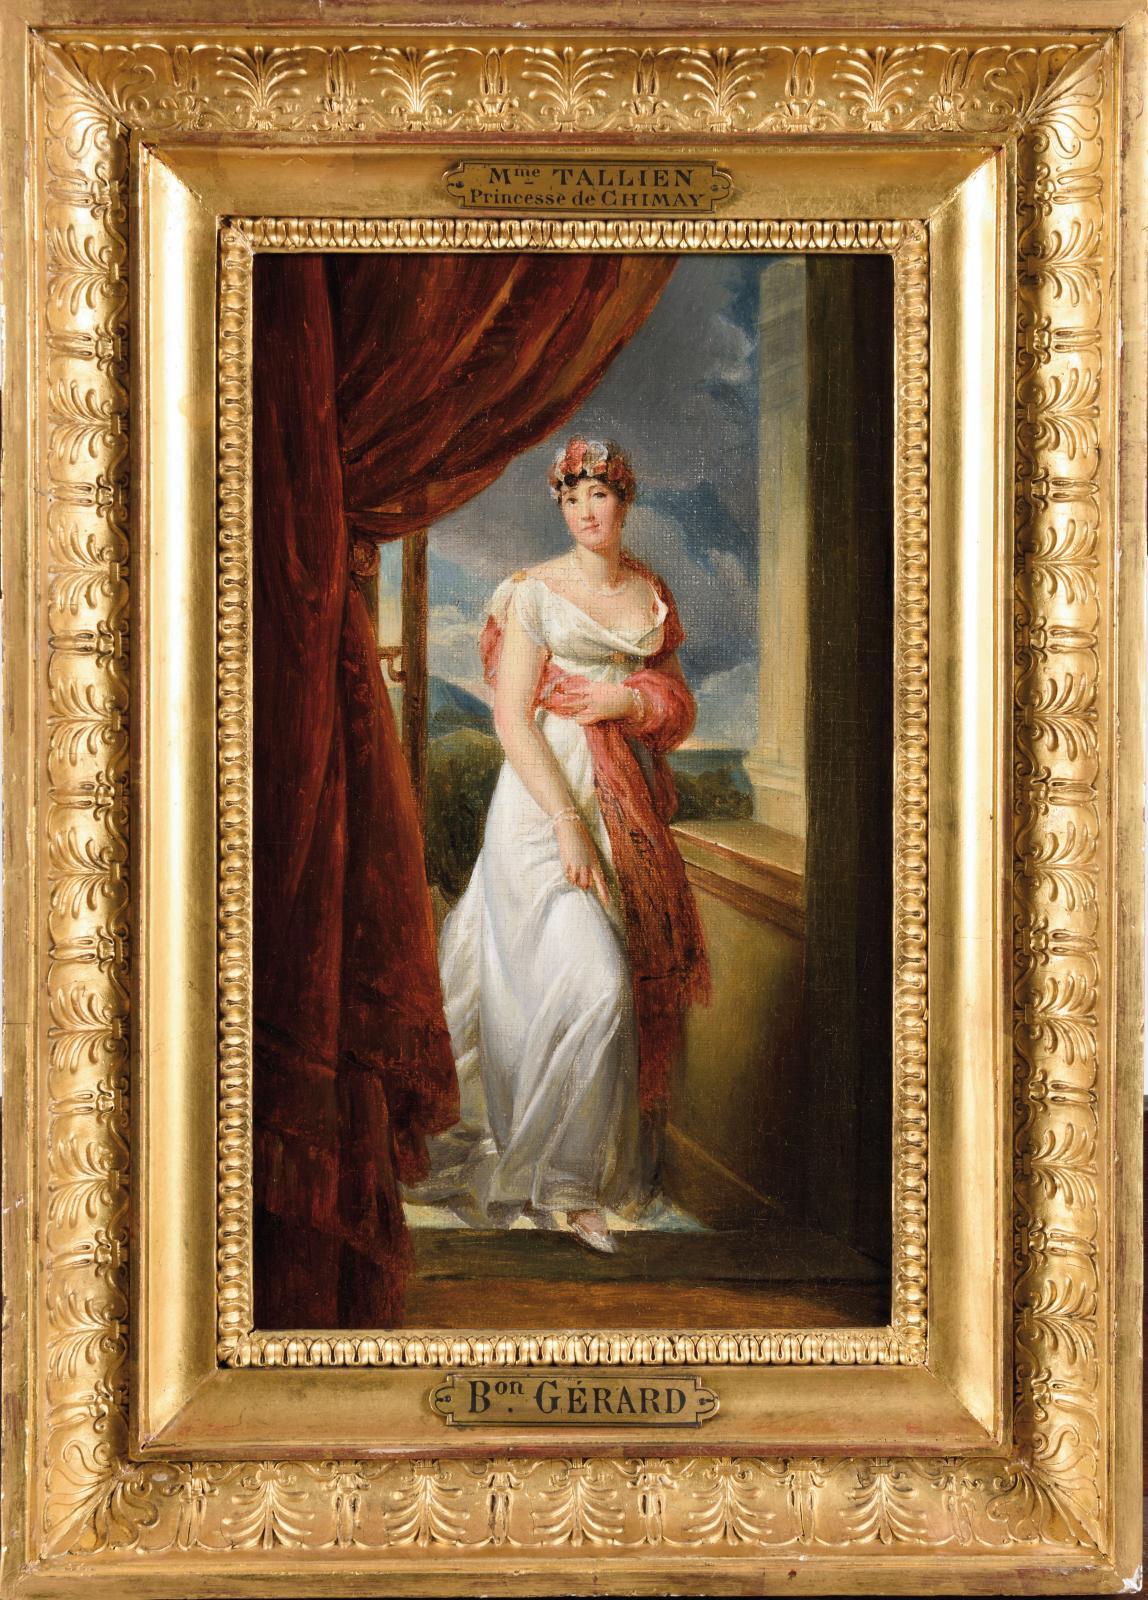 52500€ étaient requis pour ce Portrait de Thérésia Cabarrus, comtesse de Caraman (1773-1835), une toile peinte par le baron François Gér